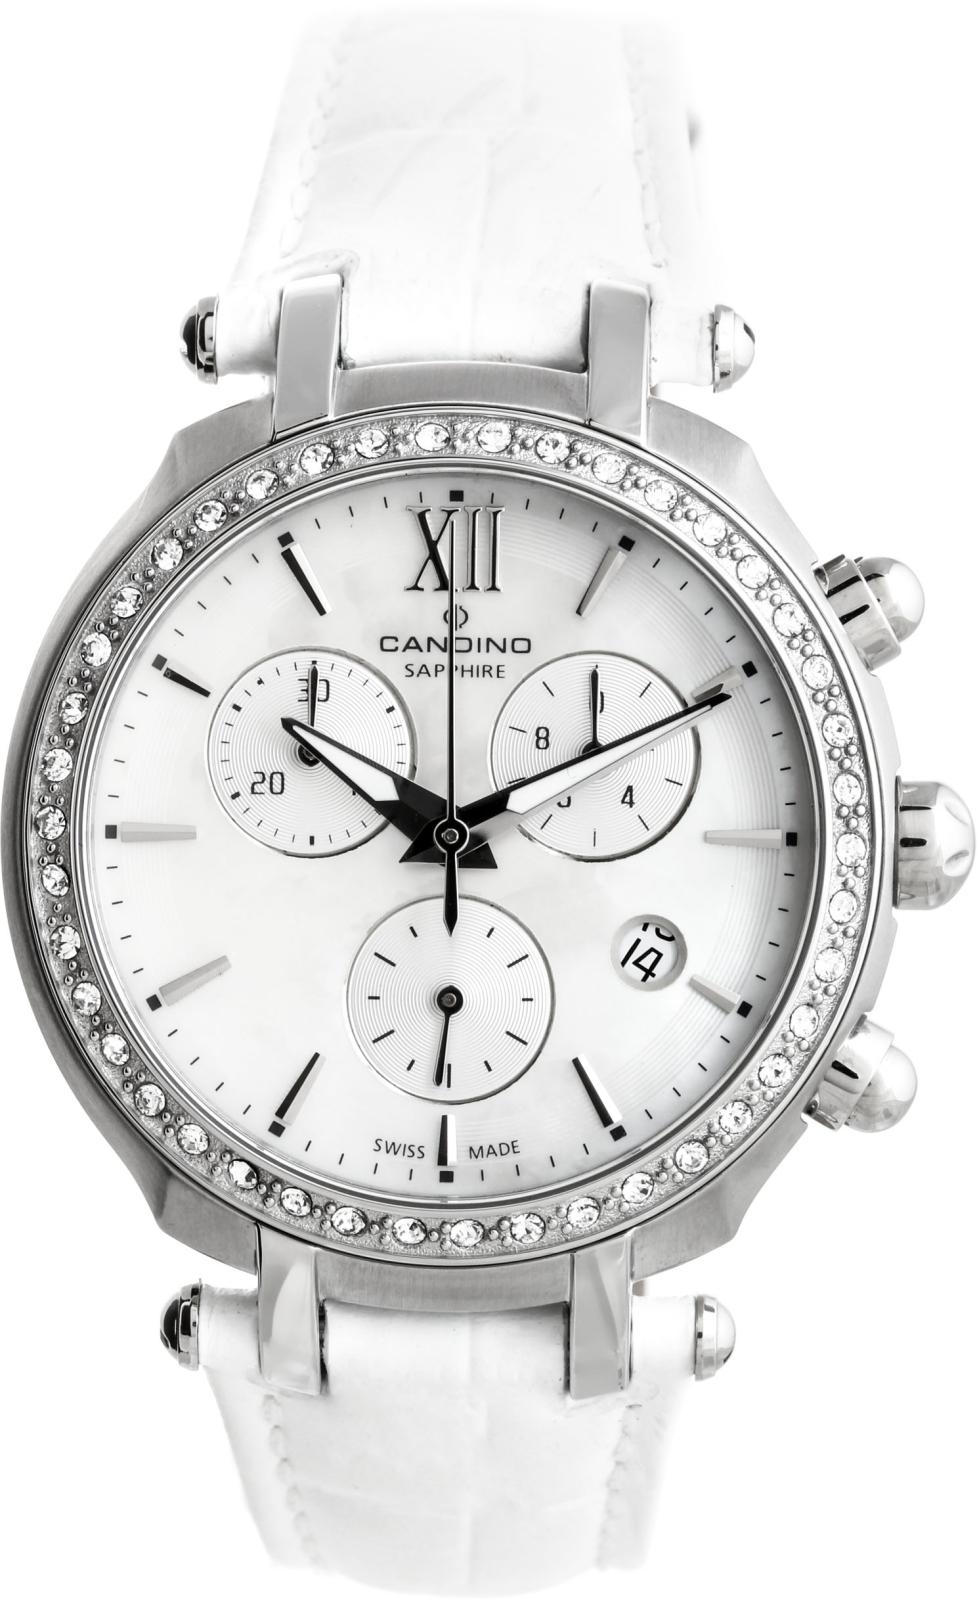 Candino Sport athletic chic C4522/1Наручные часы<br>Швейцарские часы Candino Sport athletic chic C4522/1Данная модель входит в коллекцию Sport athletic chic. Это женские часы. Материал корпуса часов — сталь. Стекло - сапфировое. Часы этой модели обладают водозащитой 30 м. Основной цвет циферблата белый. Циферблат содержит часы, минуты, секунды. В этих часах используются такие усложнения как дата, хронограф. Корпус часов в диаметре 36мм.<br><br>Пол: Женские<br>Страна-производитель: Швейцария<br>Механизм: Кварцевый<br>Материал корпуса: Сталь<br>Материал ремня/браслета: Кожа<br>Водозащита, диапазон: 20 - 100 м<br>Стекло: Сапфировое<br>Толщина корпуса: None<br>Стиль: Мода